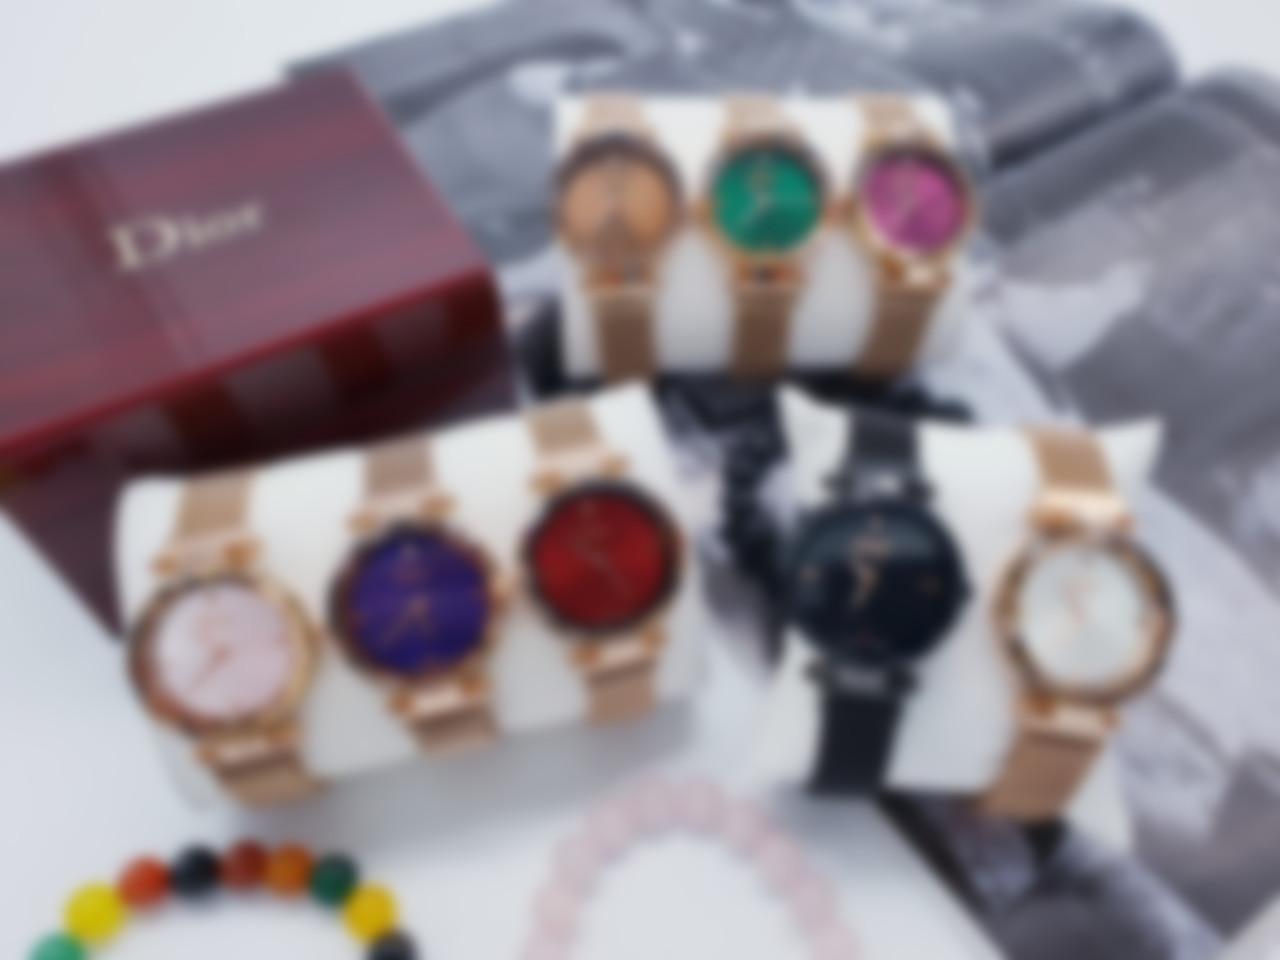 aa7f51ca3326 Модные женские наручные швейцарские часы в 2019 году традиционно имеют  корпус, сделанный из драгоценных металлов, механический или кварцевый  часовой ...